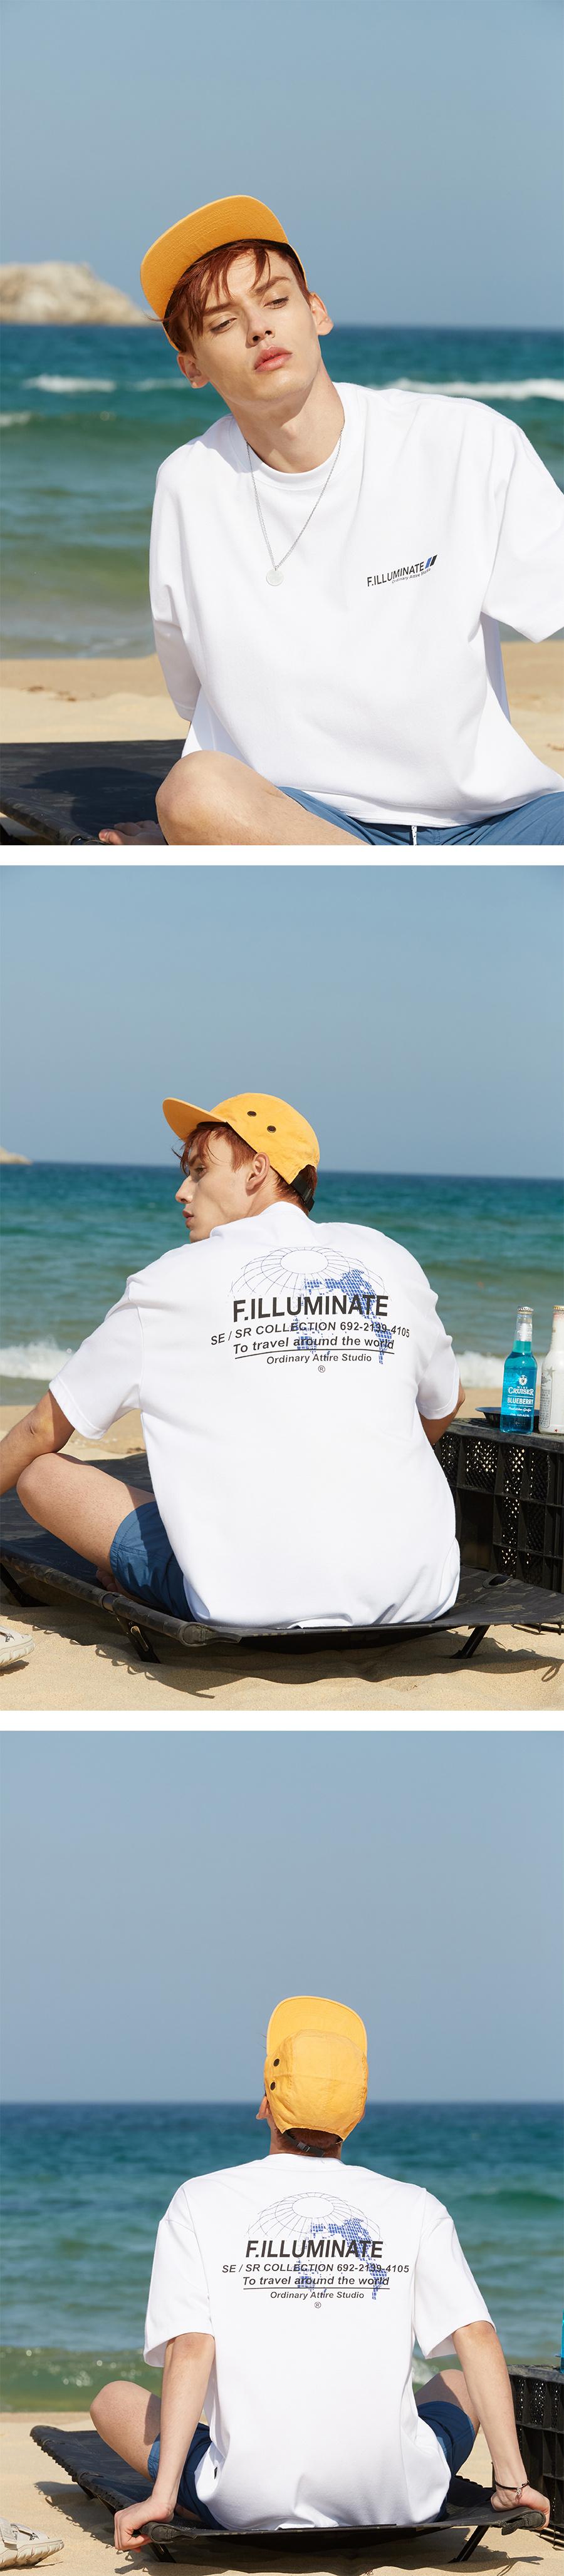 필루미네이트(FILLUMINATE) 유니섹스 오버핏 어스넷 로고 티-화이트